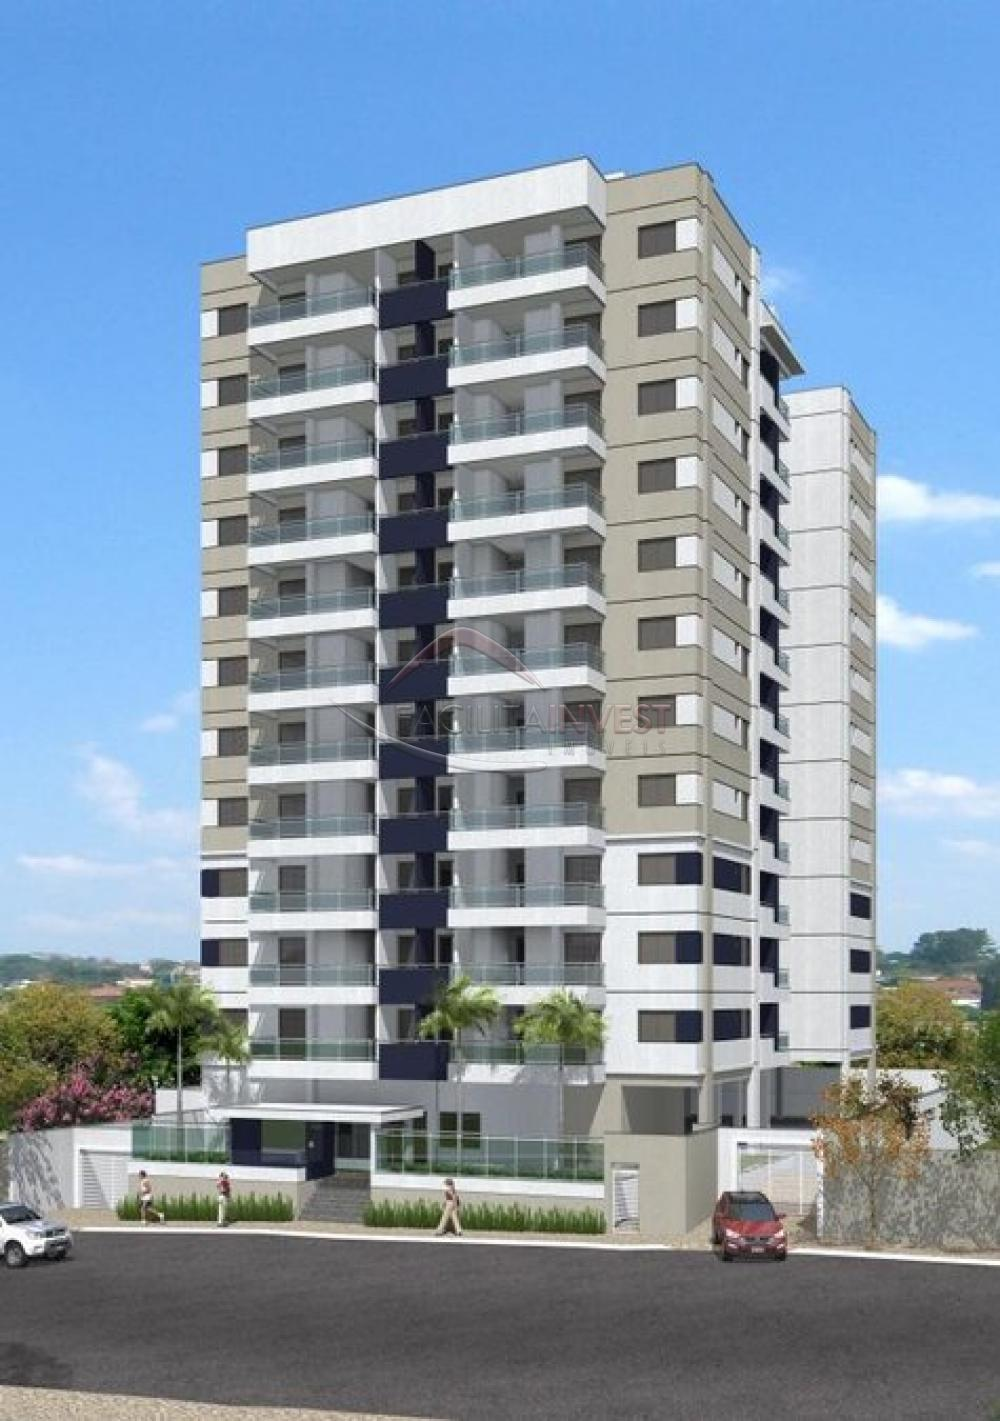 Comprar Apartamentos / Apart. Padrão em Ribeirão Preto apenas R$ 395.405,33 - Foto 1